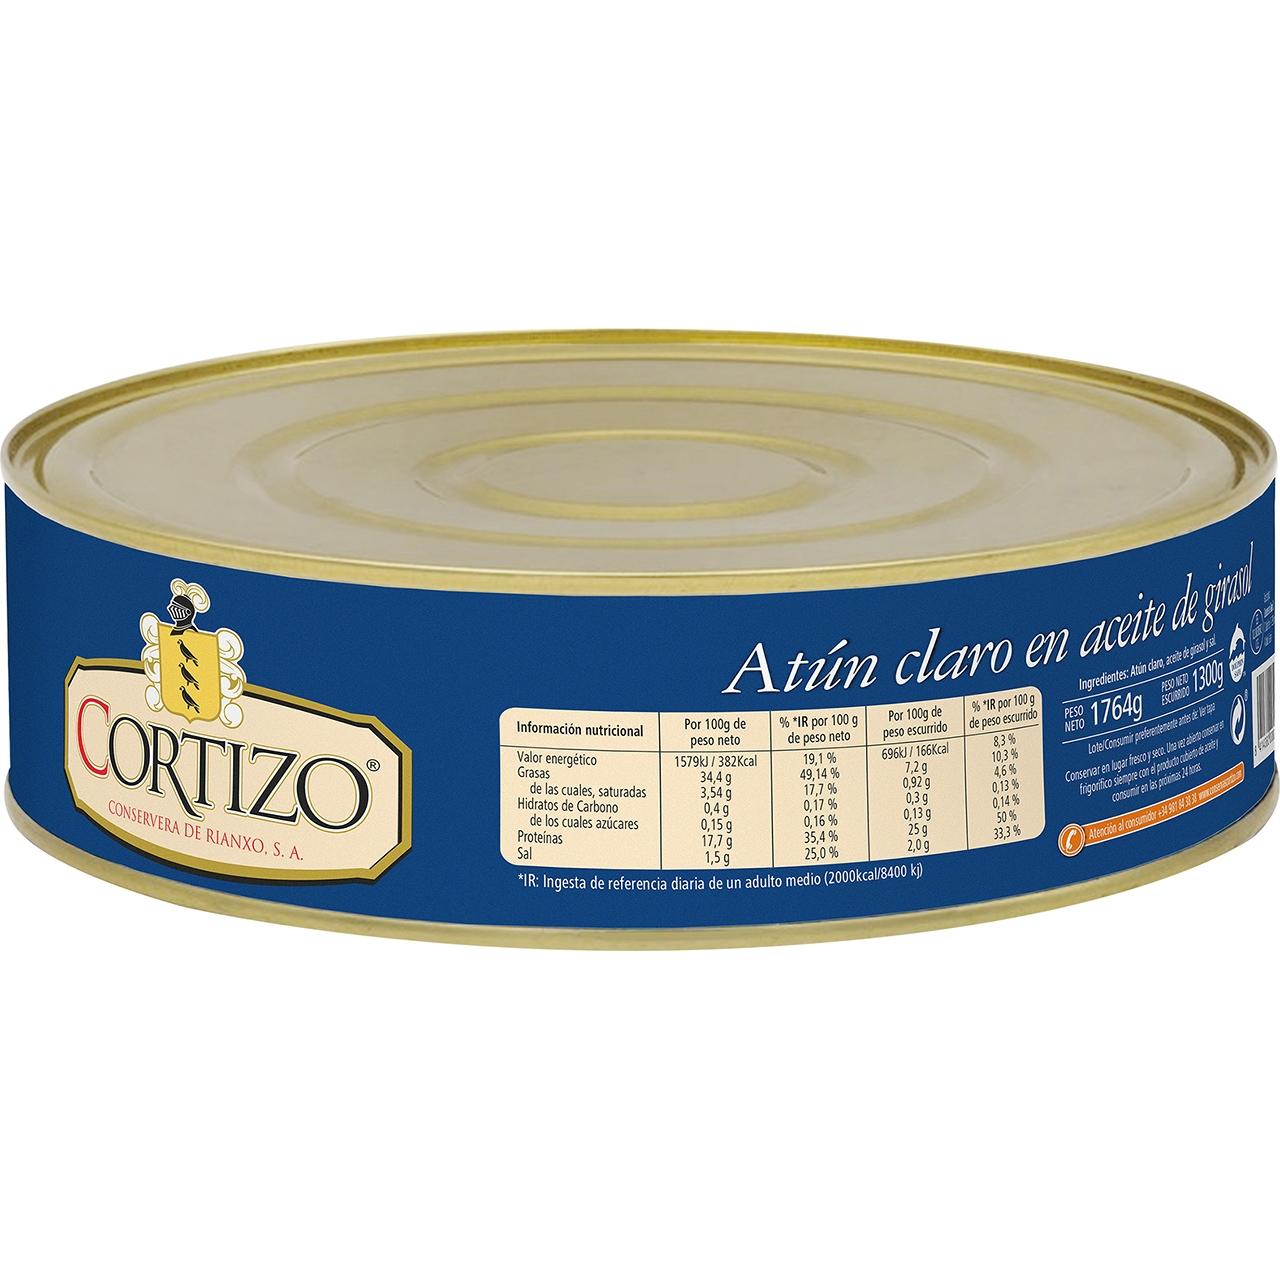 Atún claro en aceite vegetal RO-1800 Cortizo